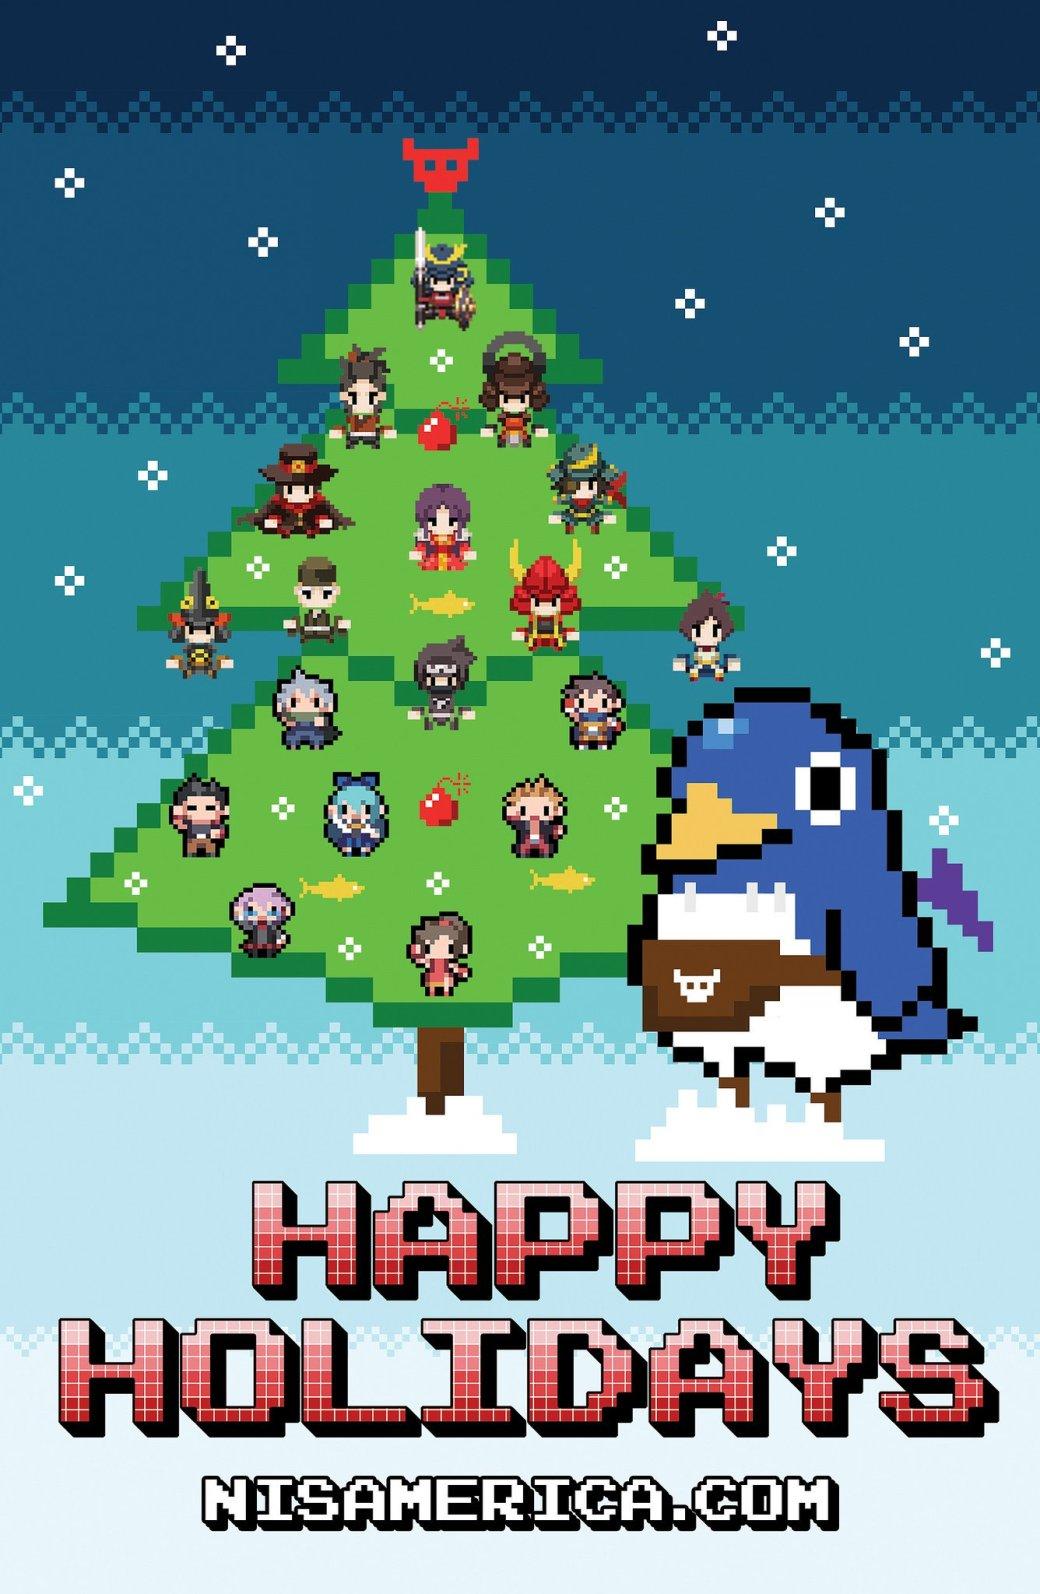 С праздниками! Разработчики поздравляют с Новым годом и Рождеством | Канобу - Изображение 13